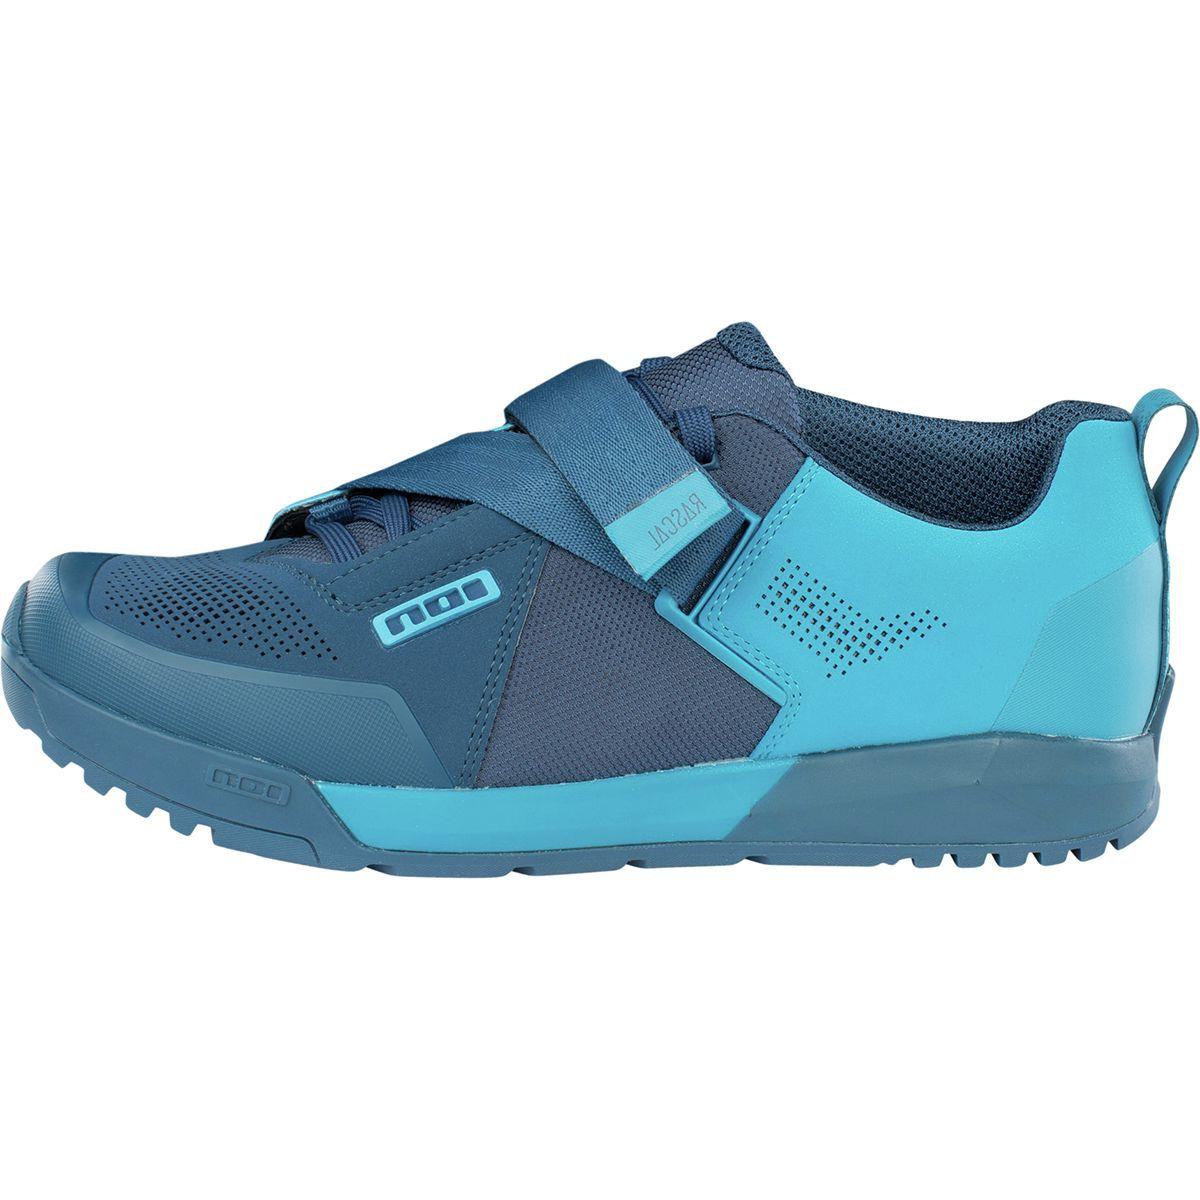 ION Rascal Cycling Shoe - Men's